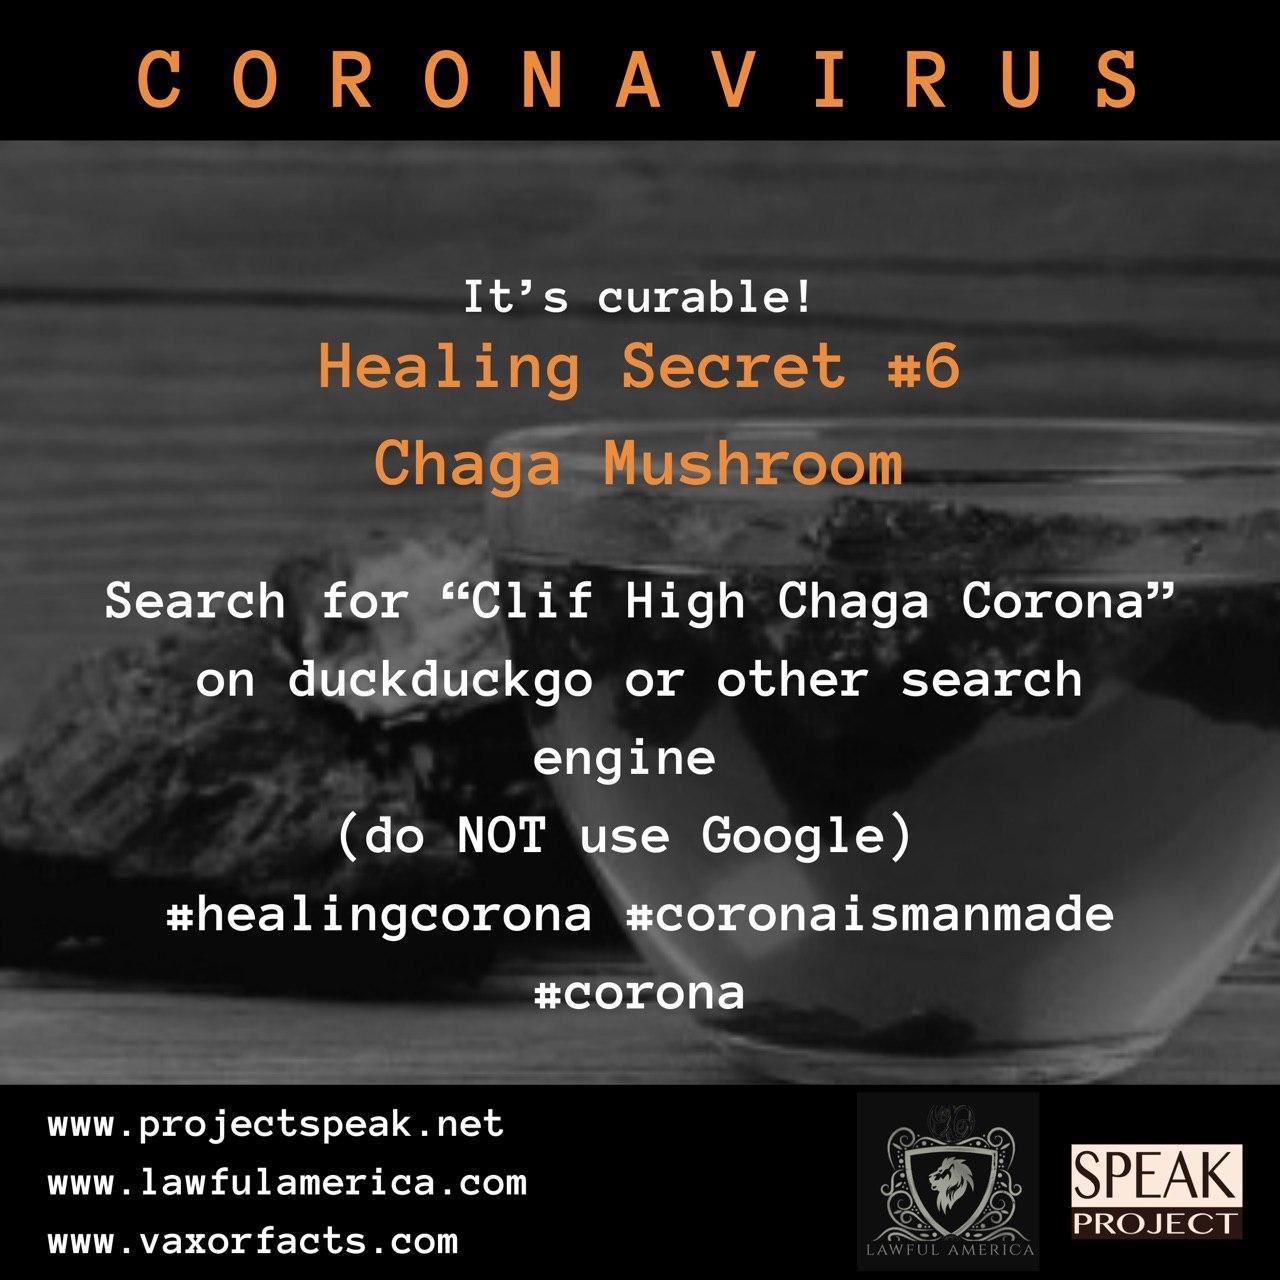 Coronavirus - Healing Secret #6